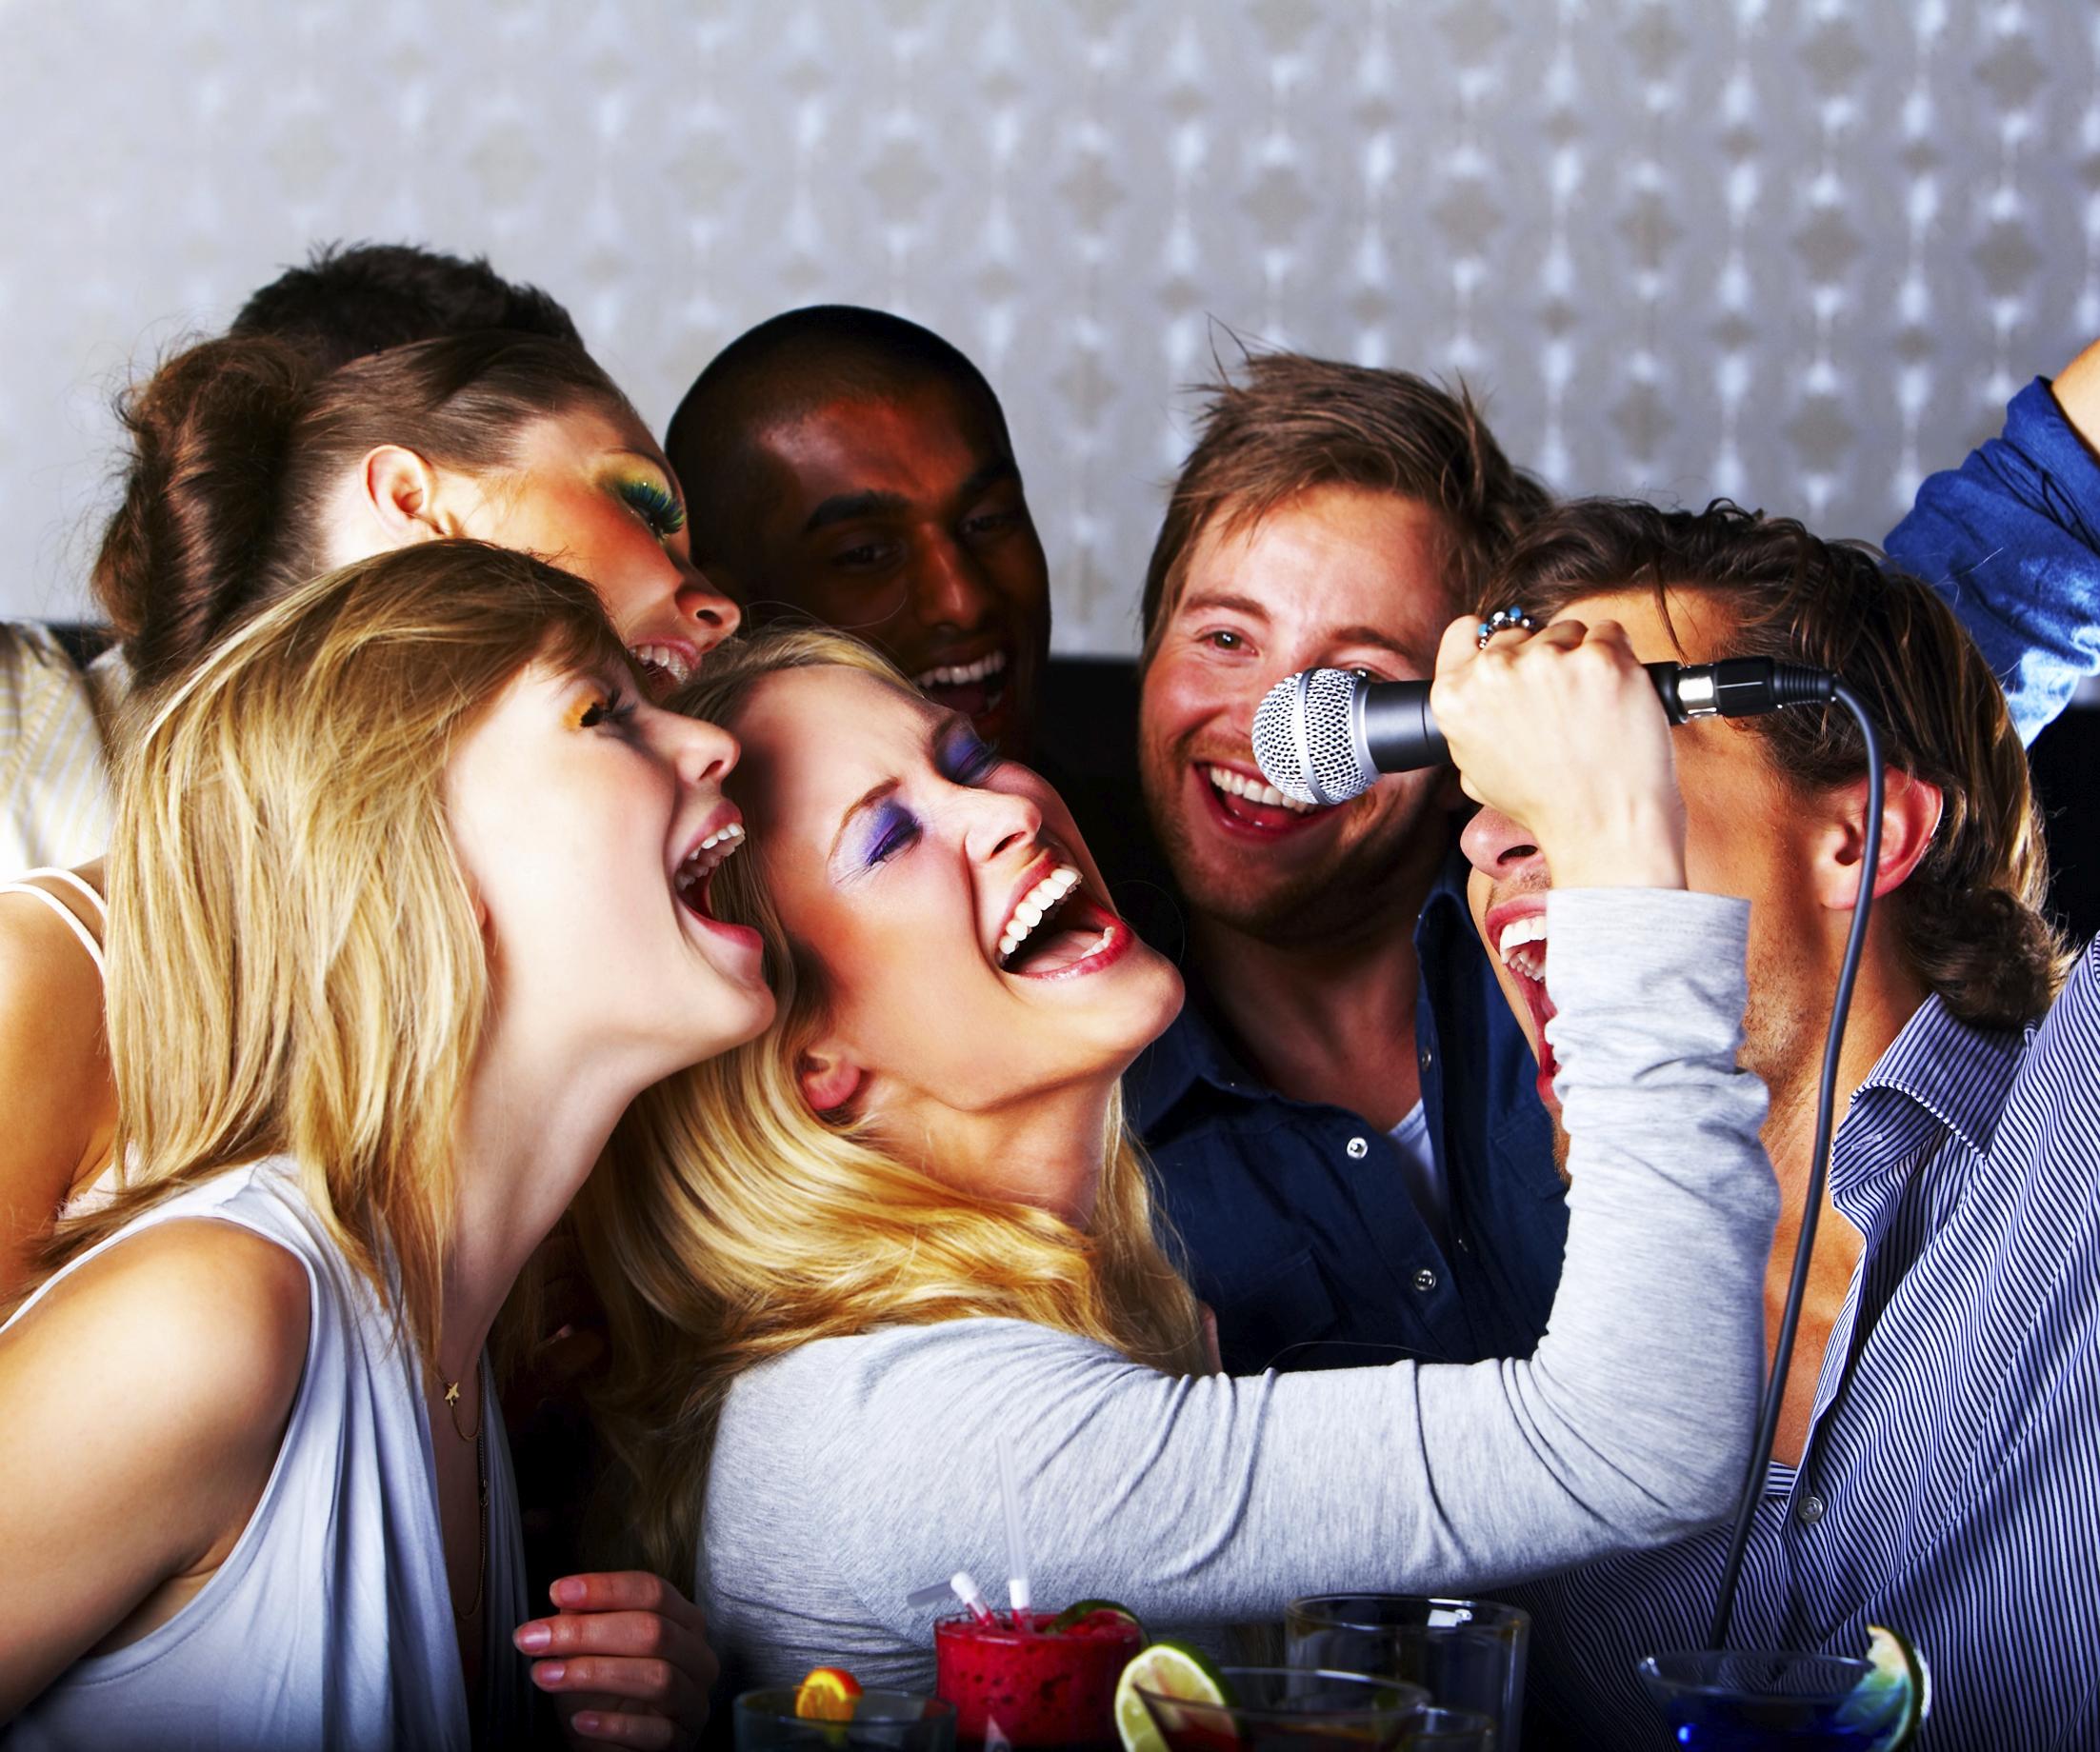 Image courtsey :http://joediamondevents.com/ Karaoke